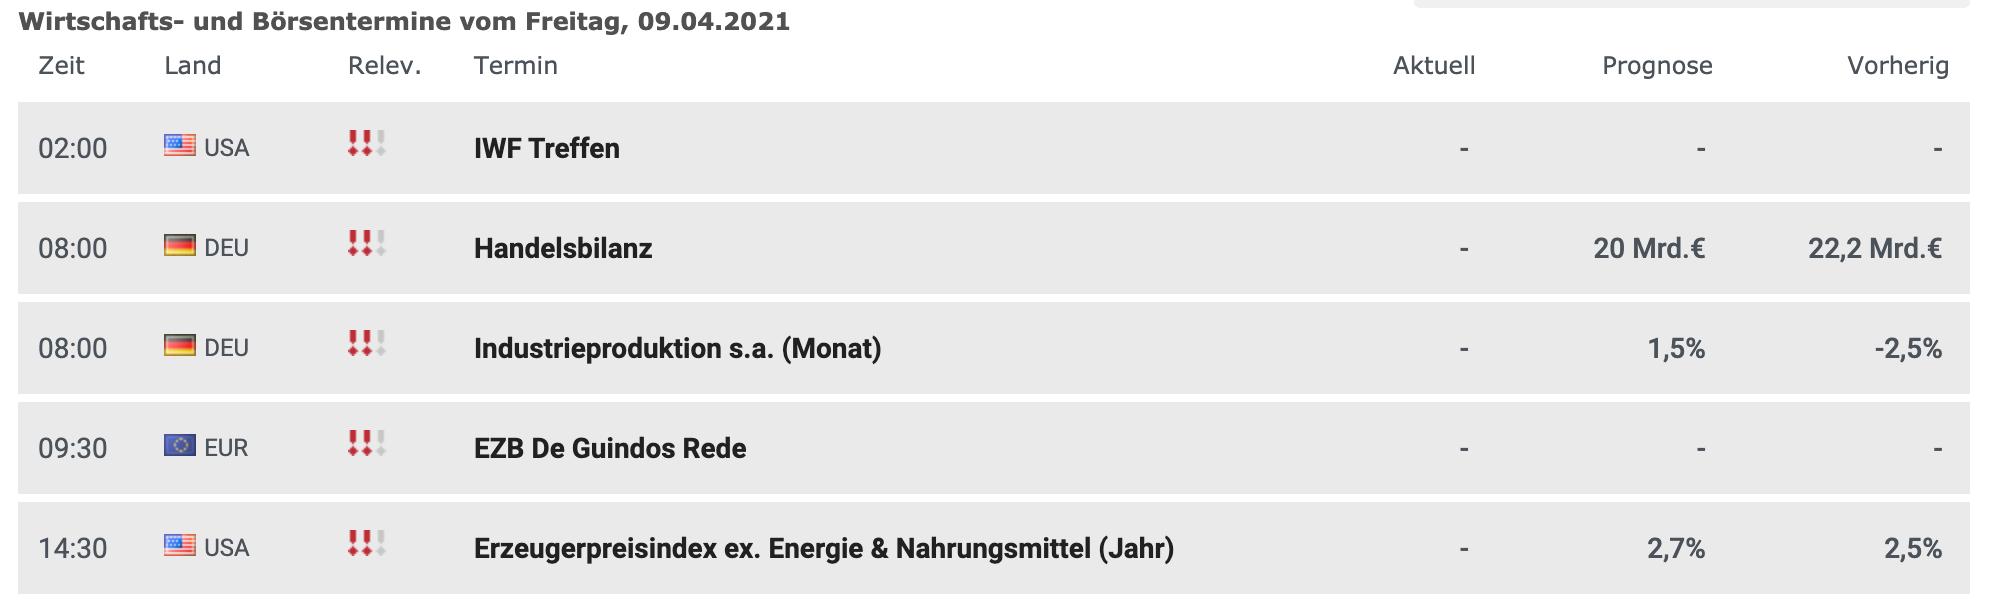 Wirtschaftsdaten am 09.04.2021